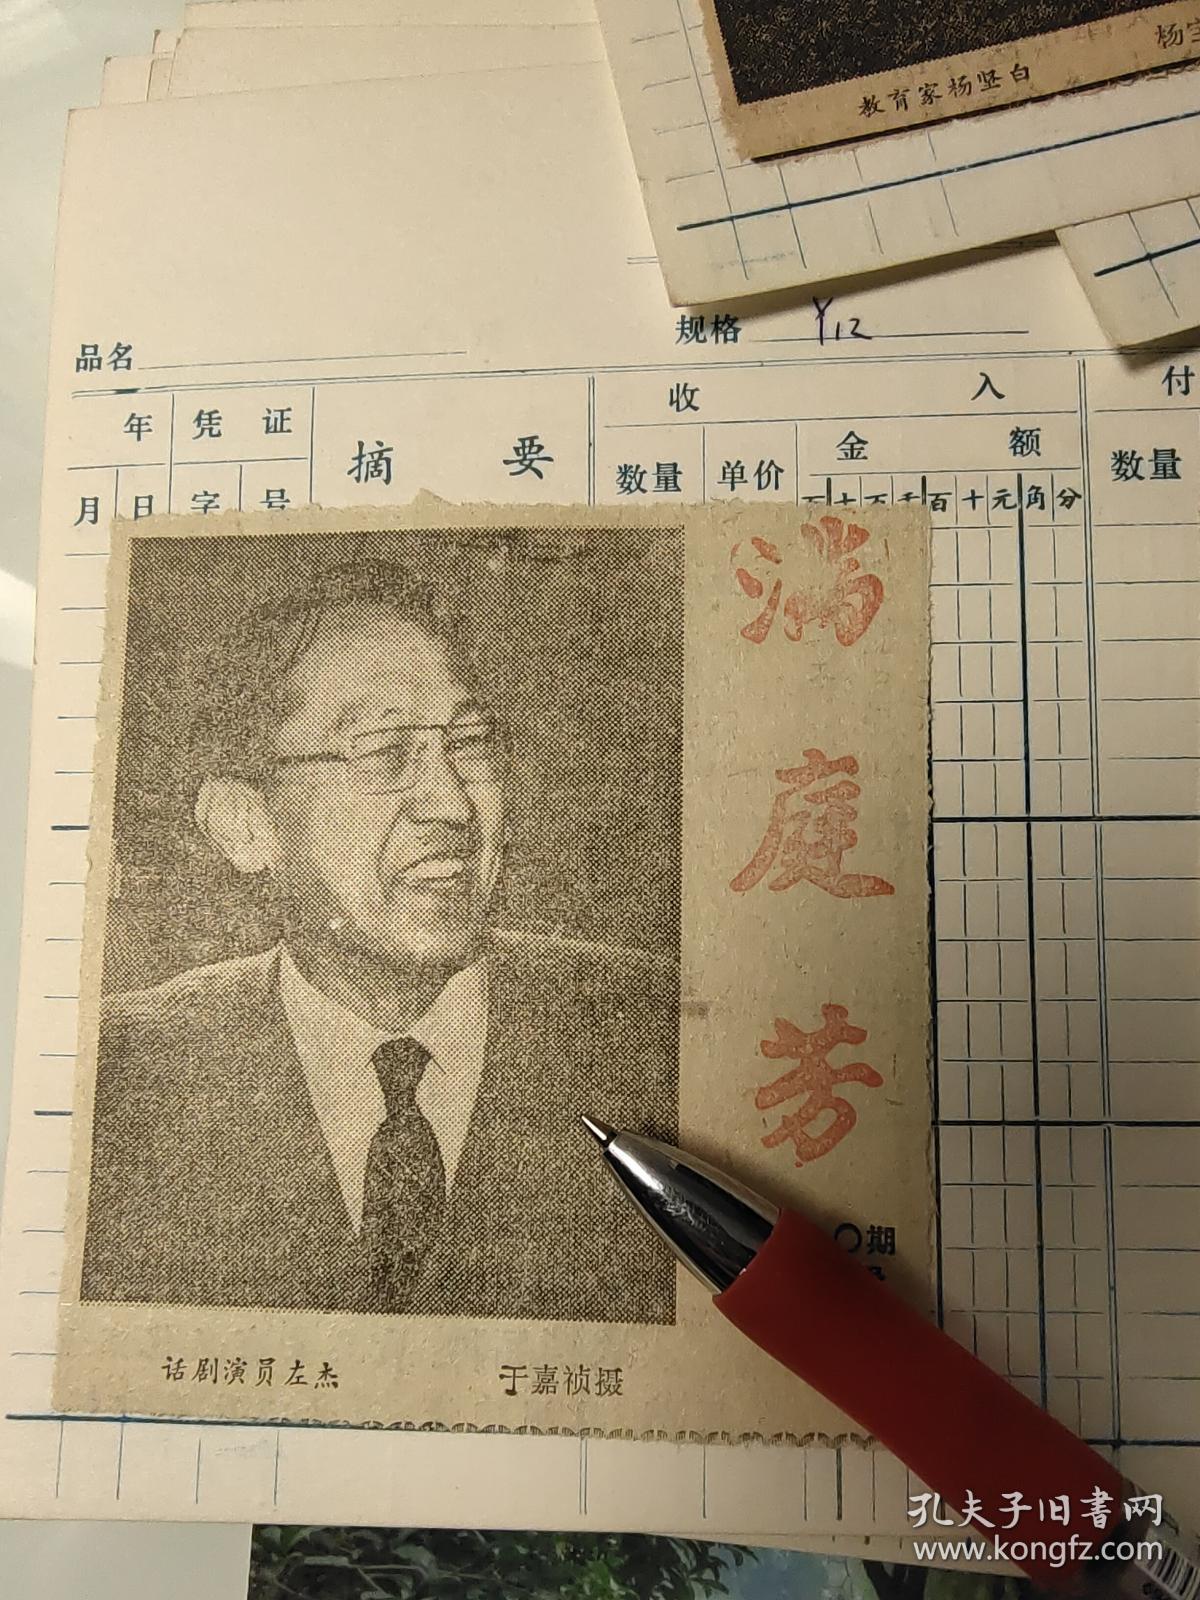 话剧演员左杰、左杰,江苏人。天津人民艺术剧院一级演员左杰。于嘉祯摄影